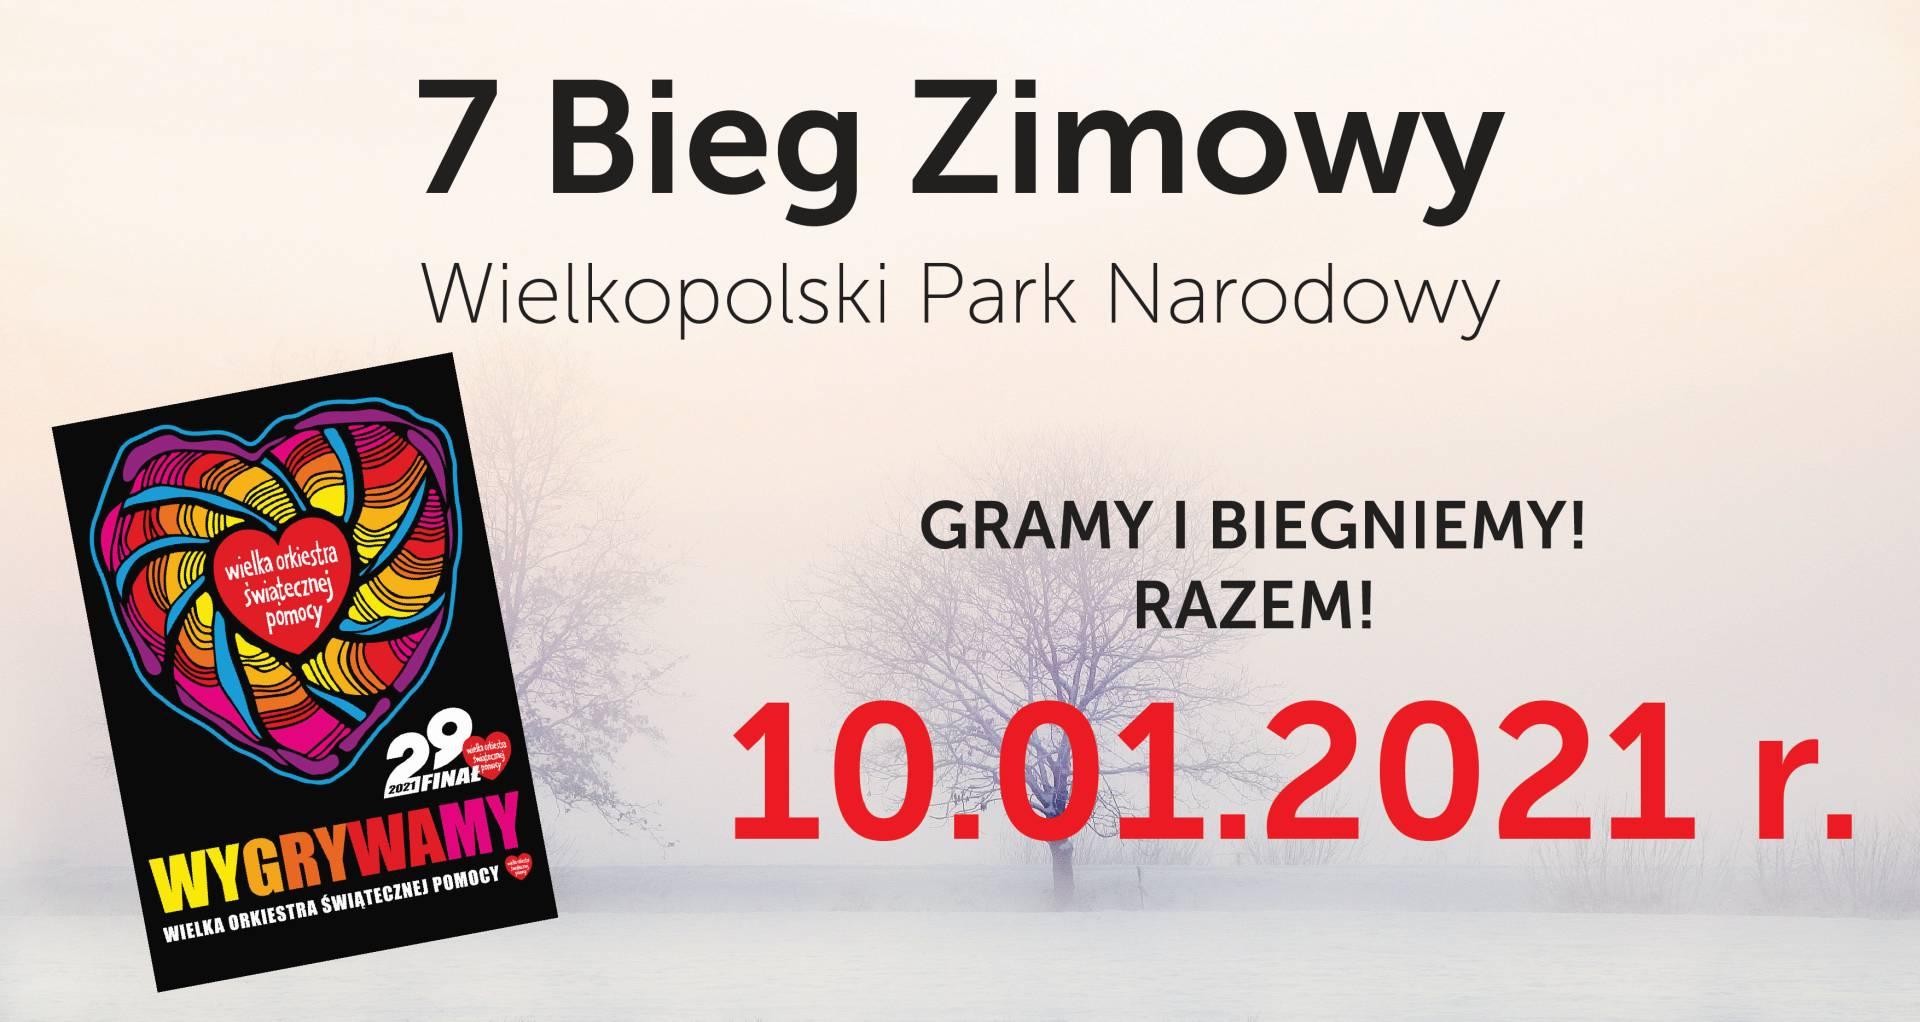 7 Bieg Zimowy po Wielkopolskim Parku Narodowym rusza 10 stycznia 2021 r.